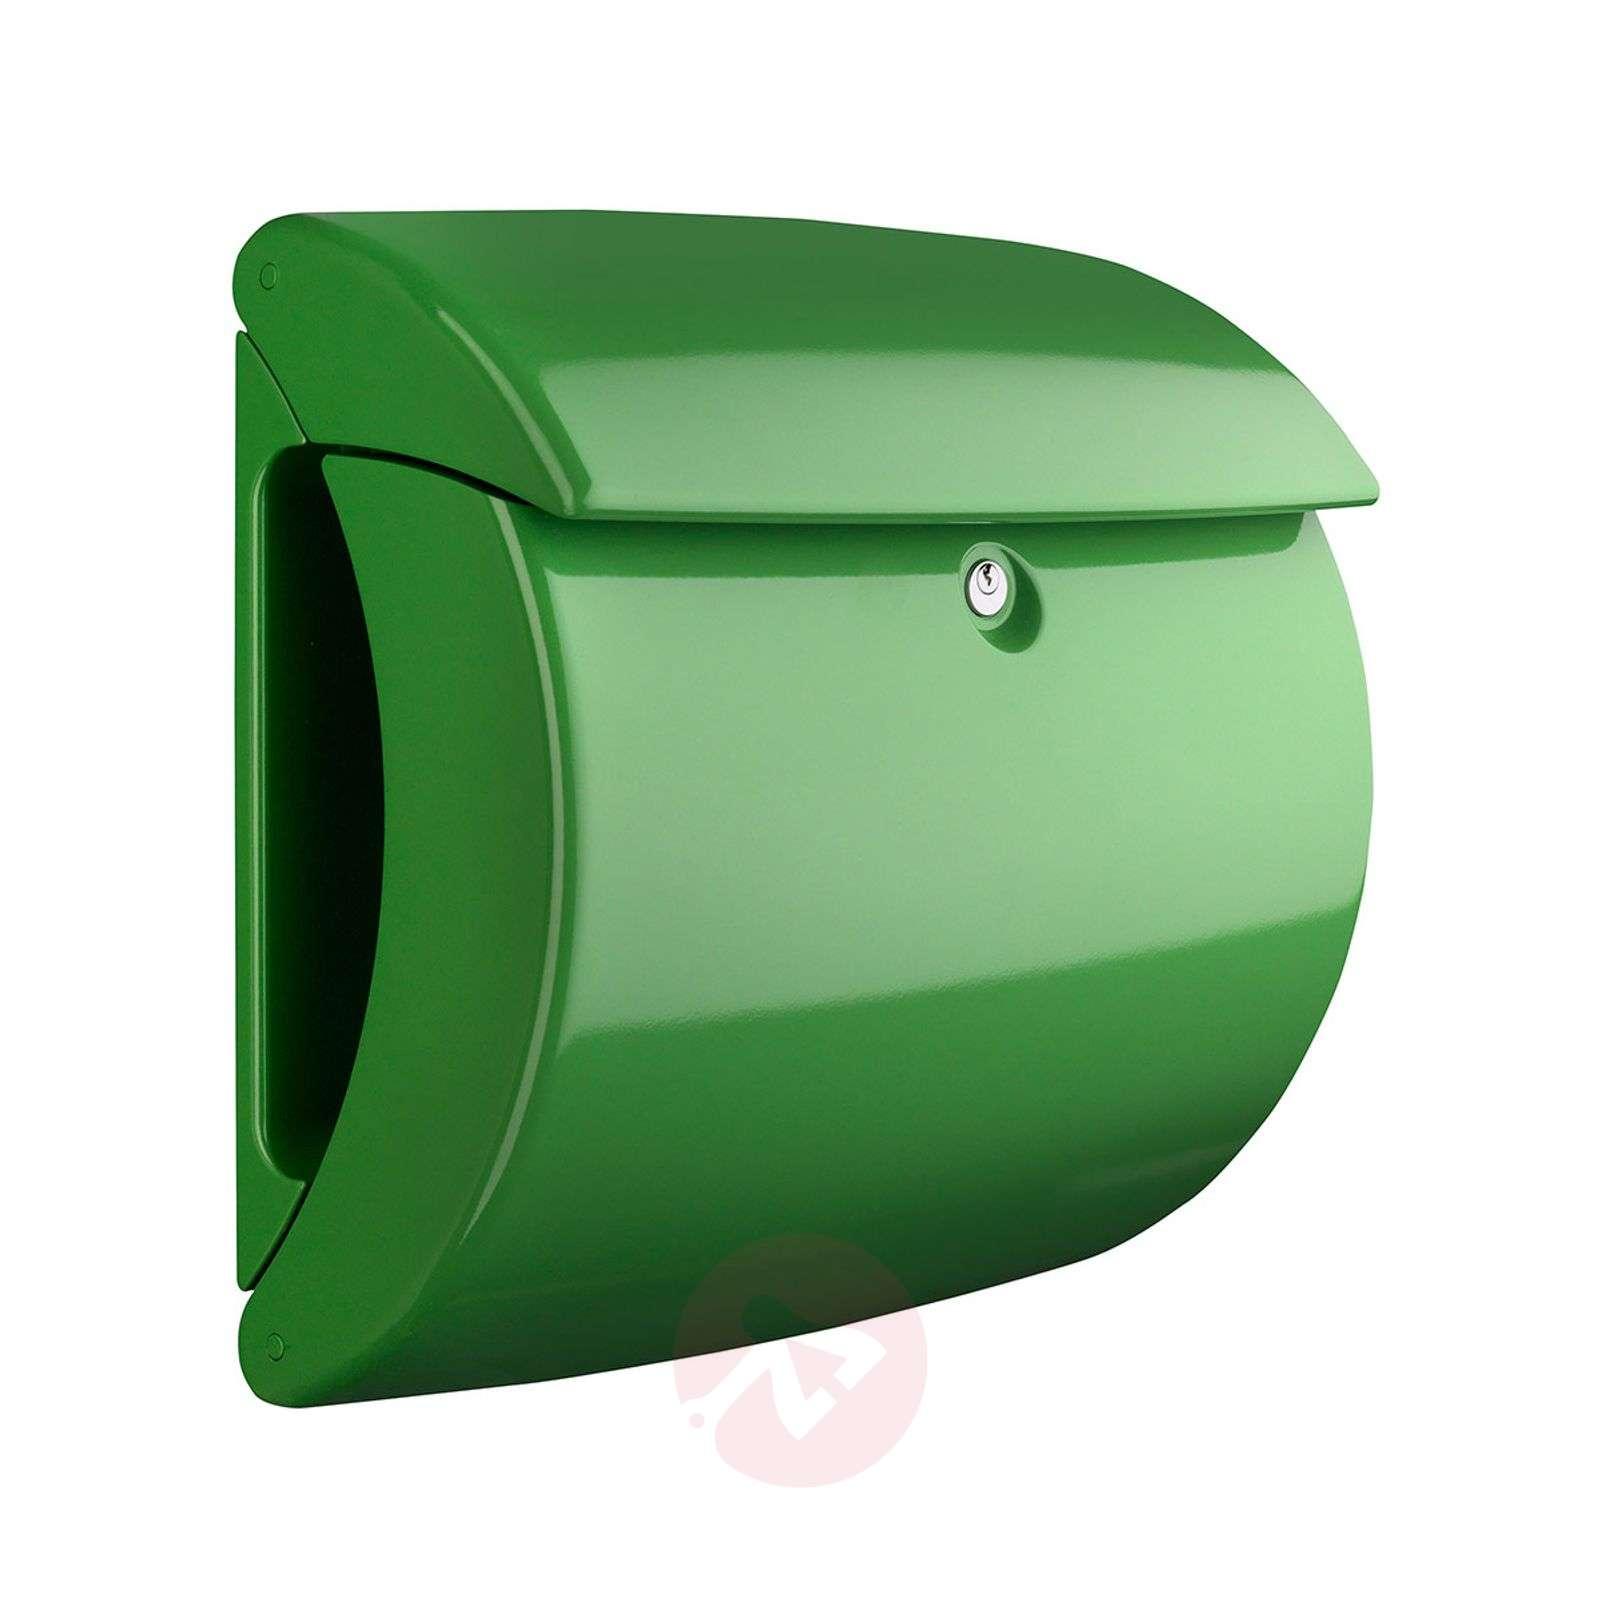 Raikkaan vihreä Piano 886-postilaatikko-1532125-01